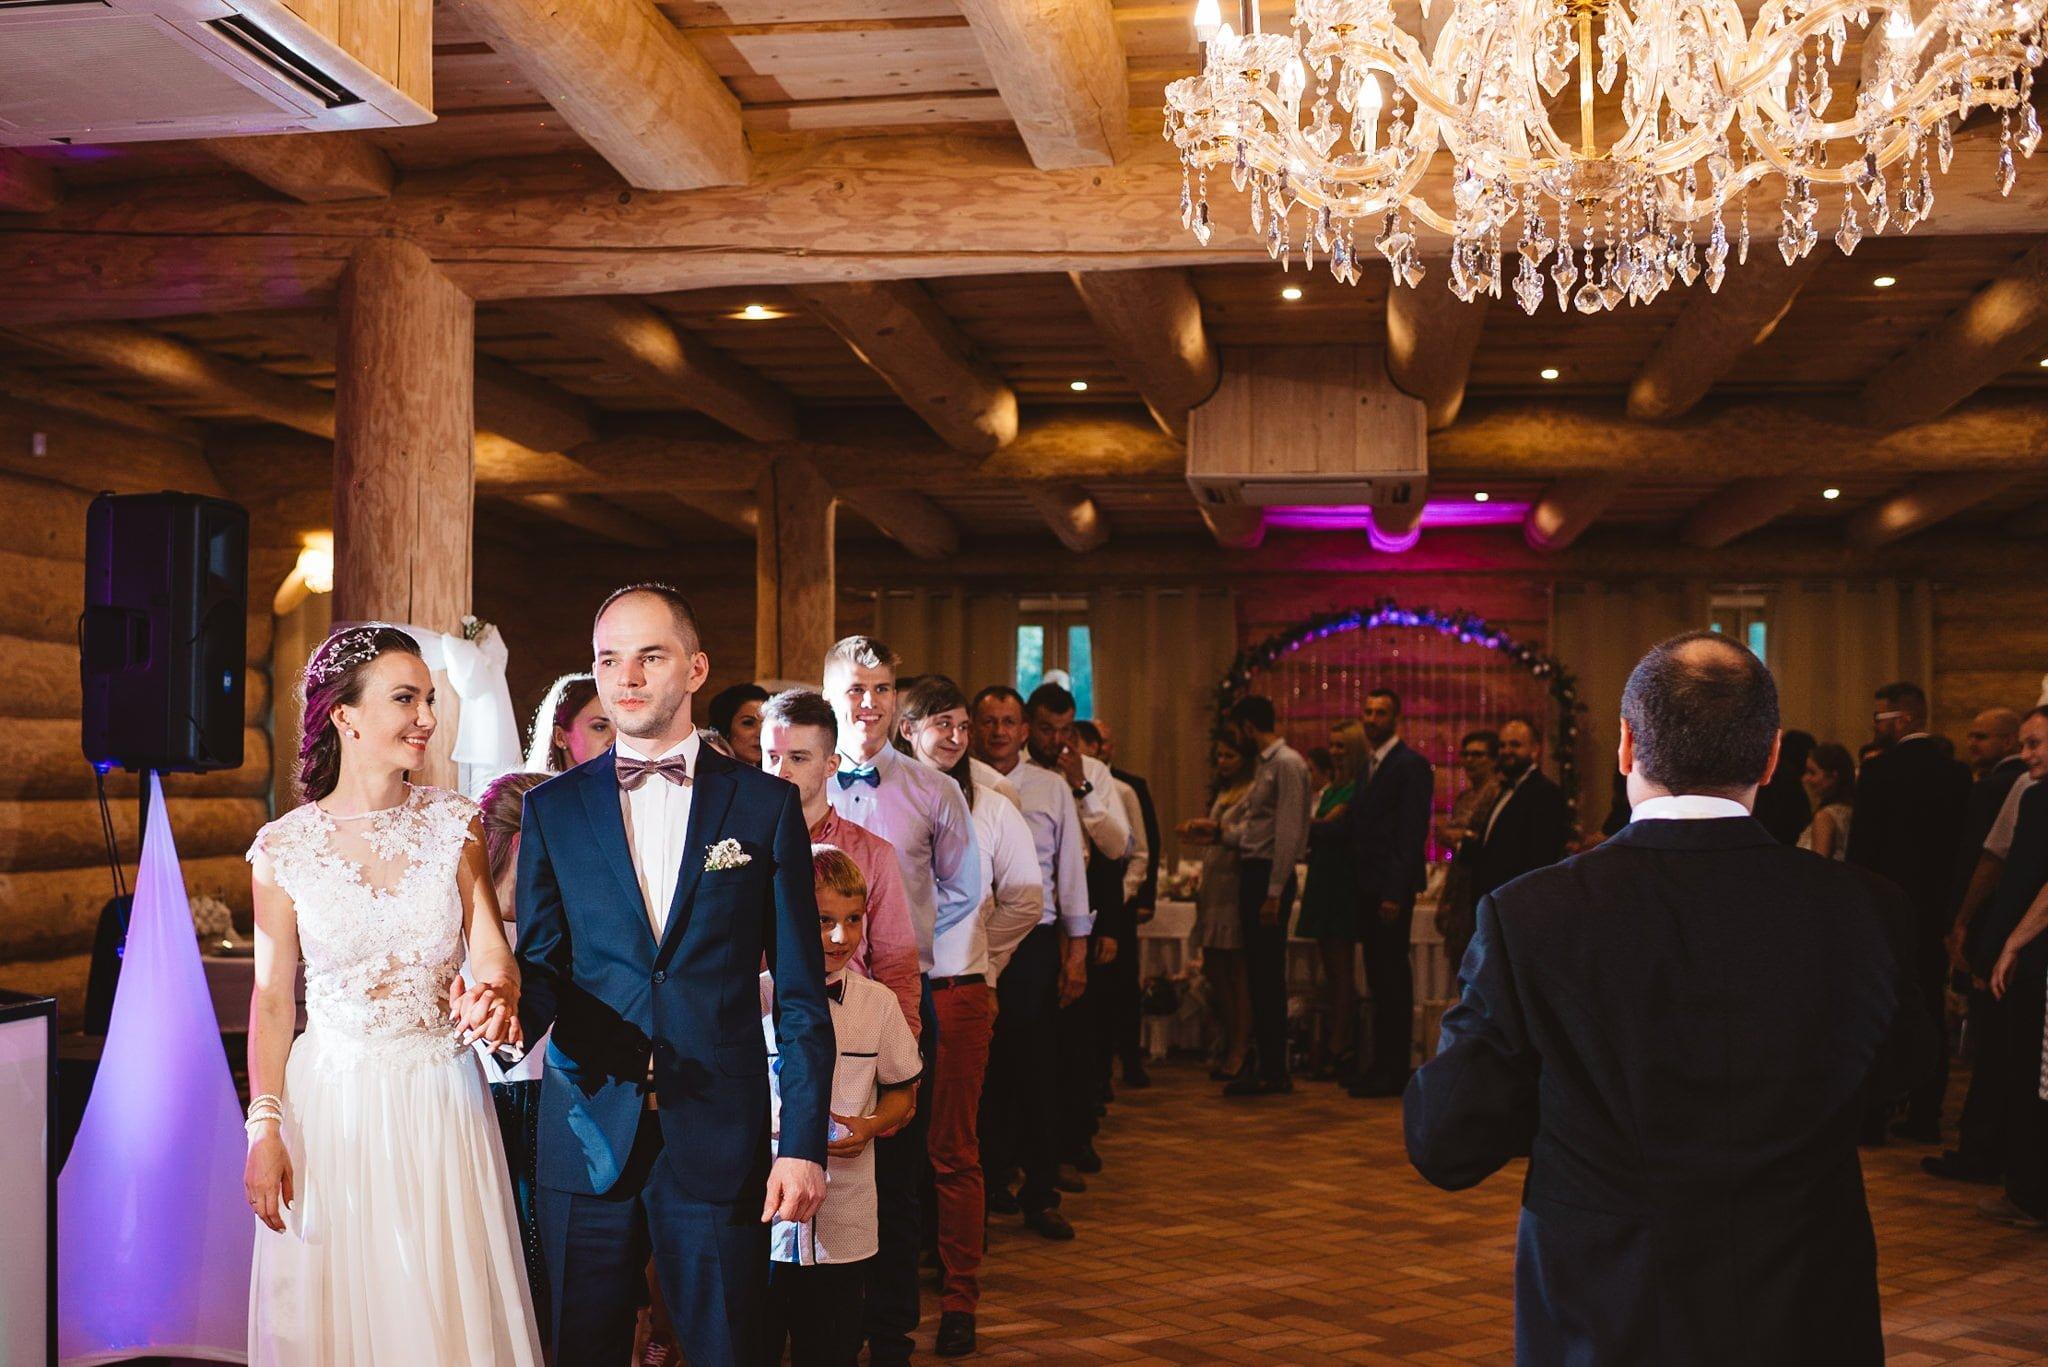 Ala i Arek, czyli jak zorganizować ślub i wesele w 4 tygodnie! 185